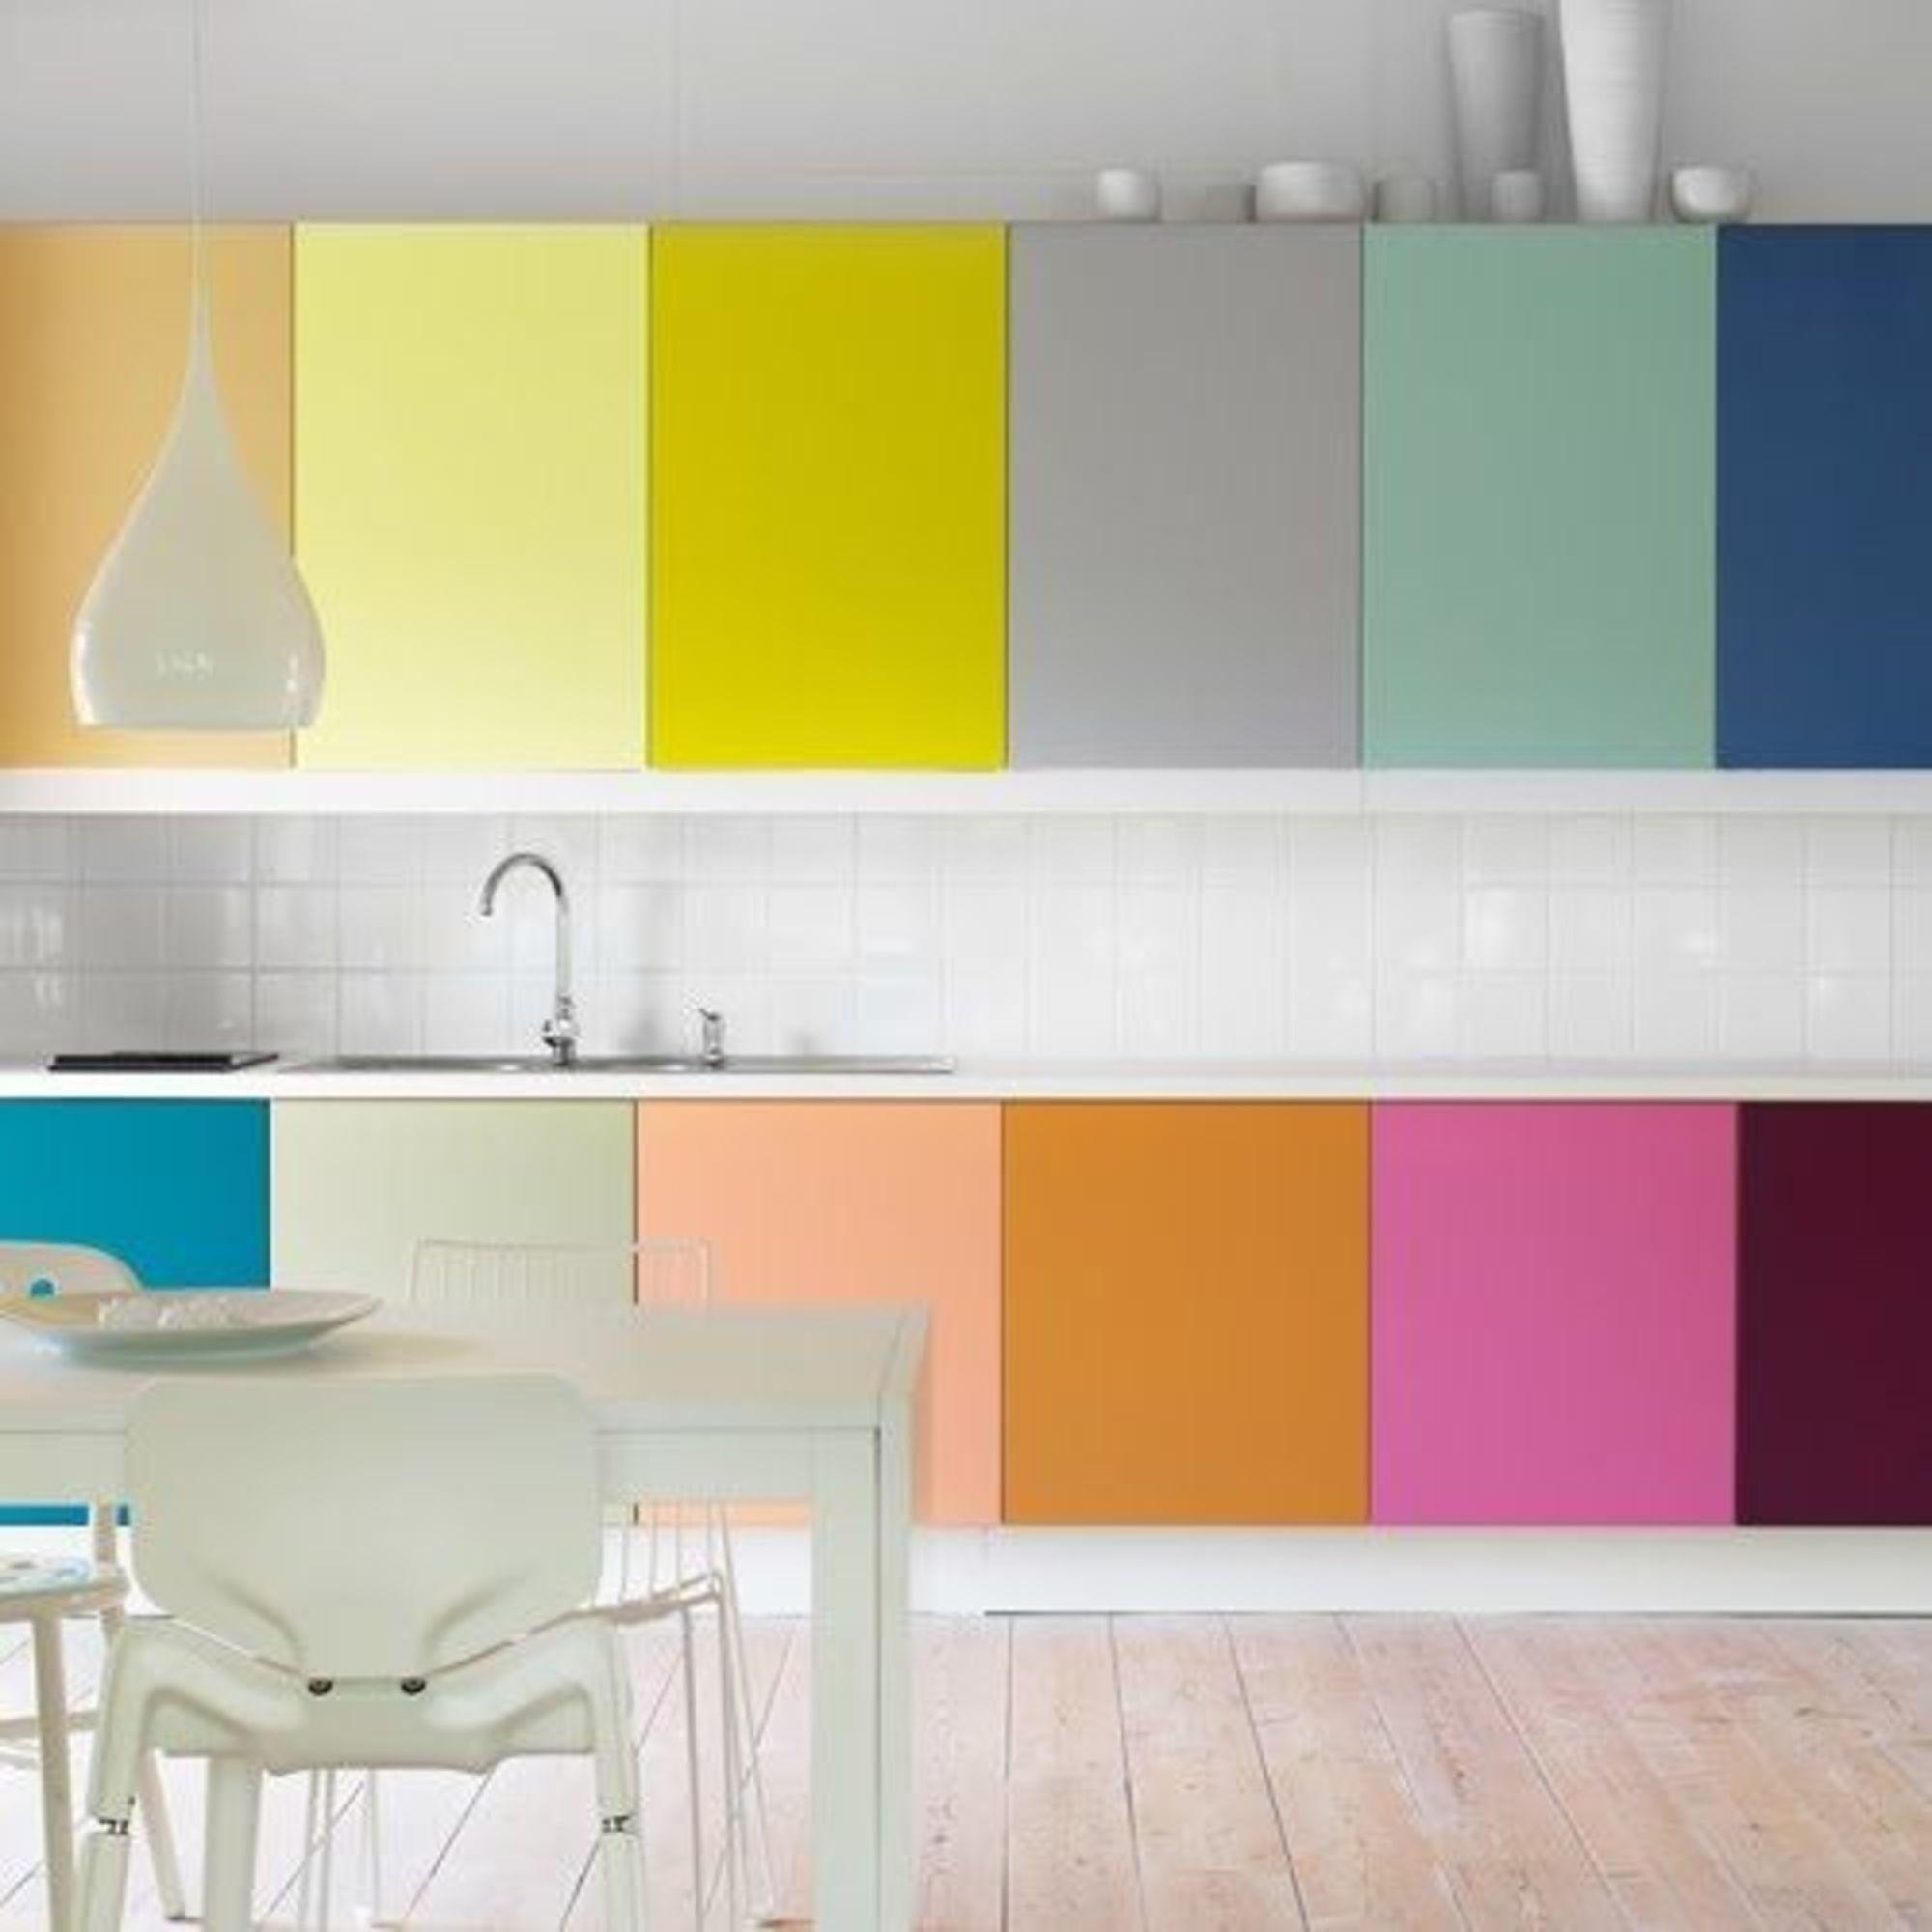 Choisir couleur cuisine choisir un vier de couleur qeuls - Choisir une couleur de peinture ...